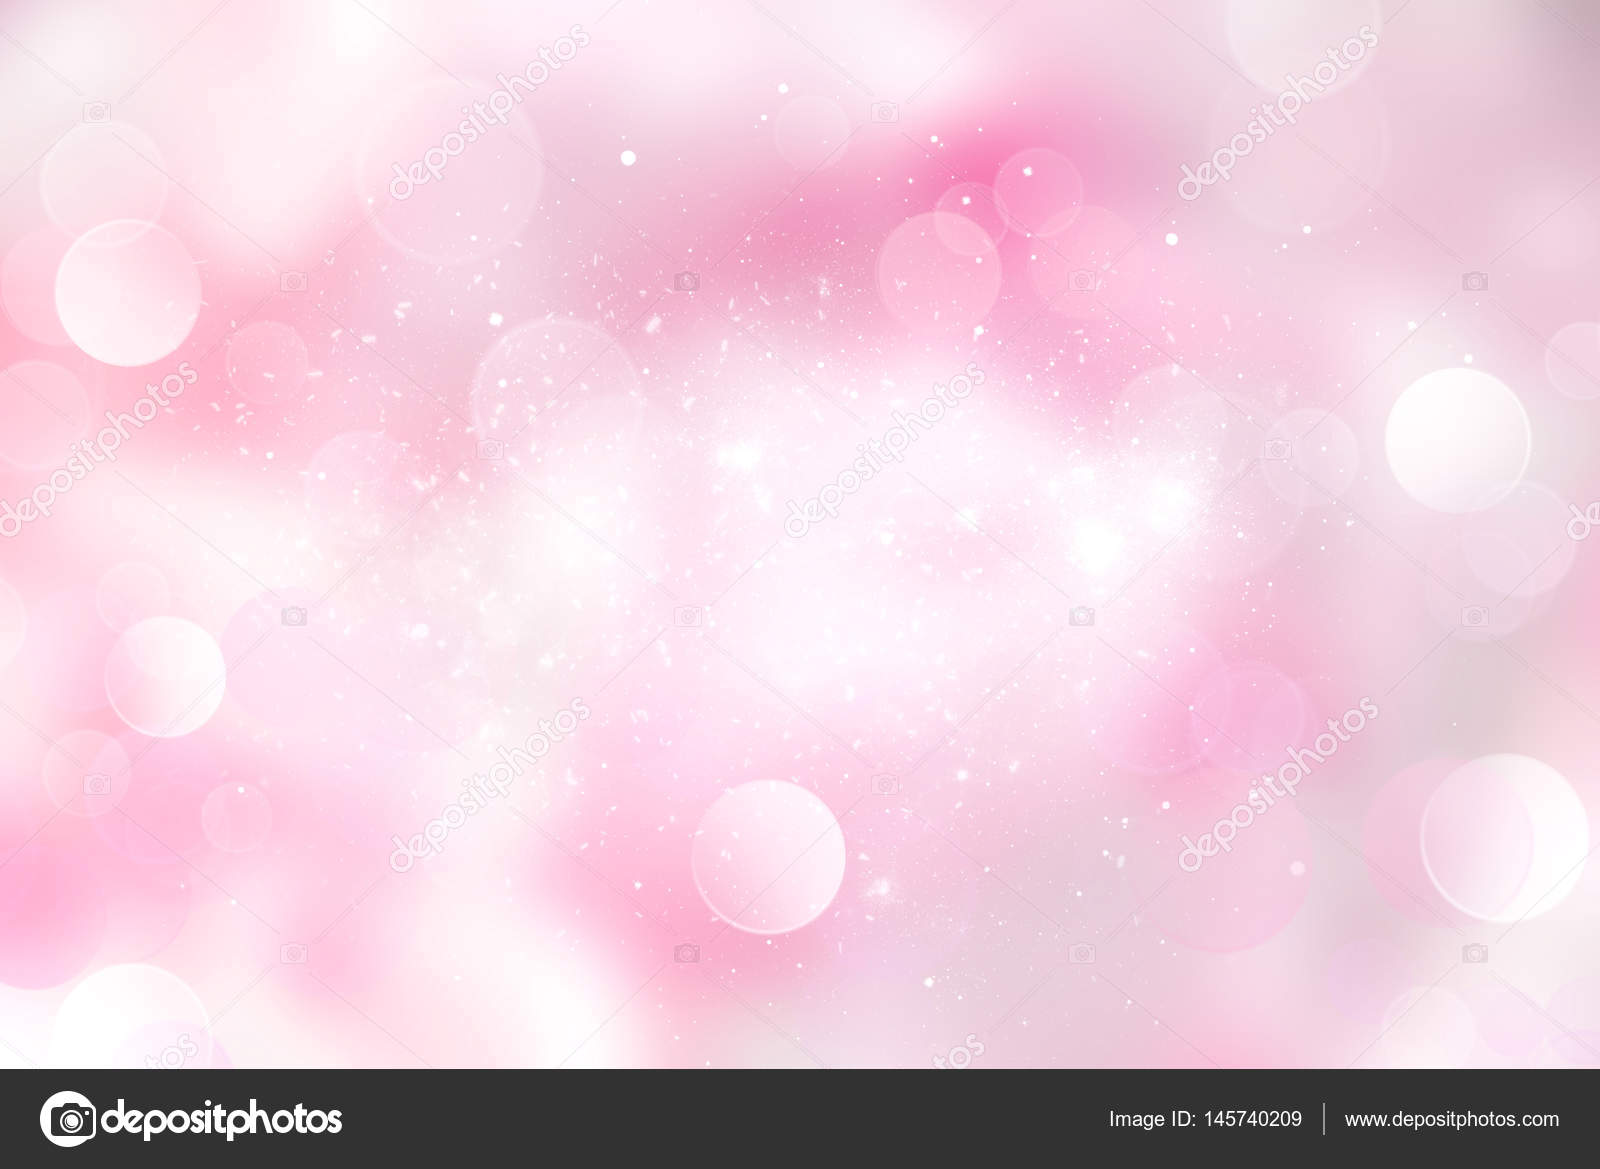 Illustrazione Rosa Chiaro Brillantinato Rosa Pallido Sfocato